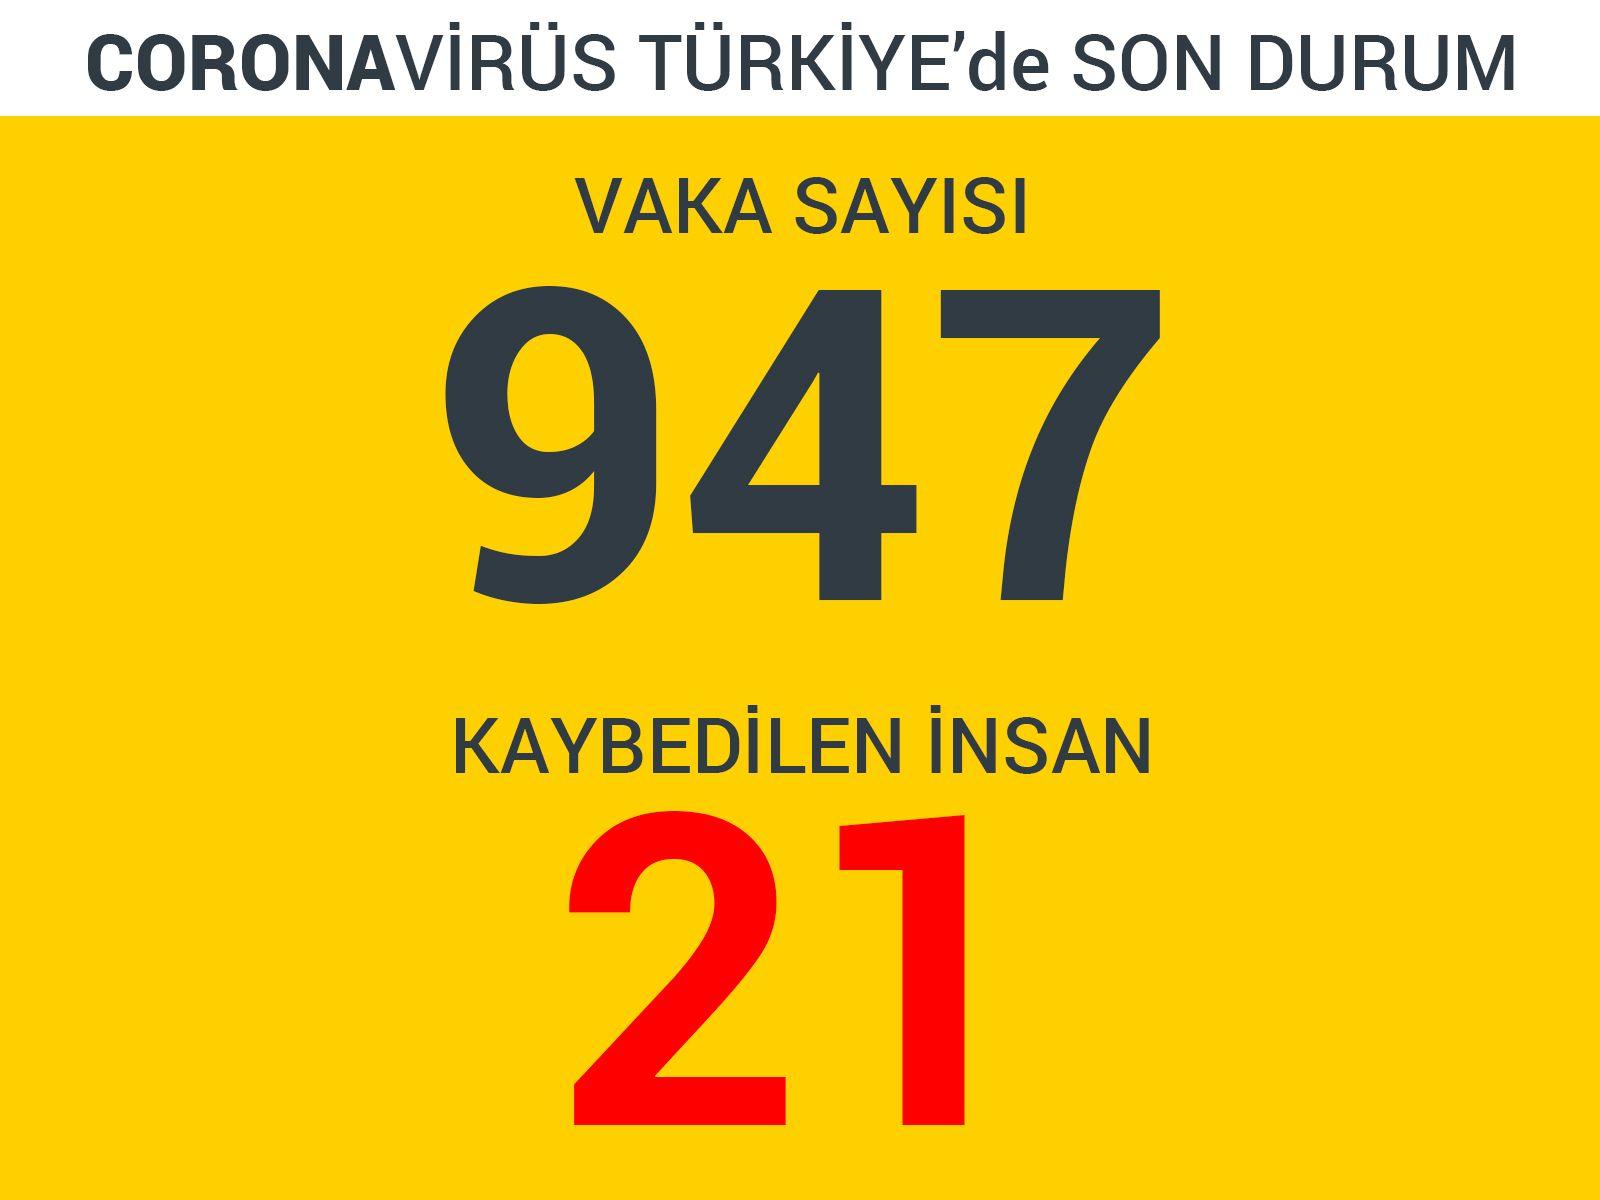 Türkiye'de Corona Virüsünden Ölenlerin Sayısı 21'e Vaka Sayısı 947'ye Çıktı